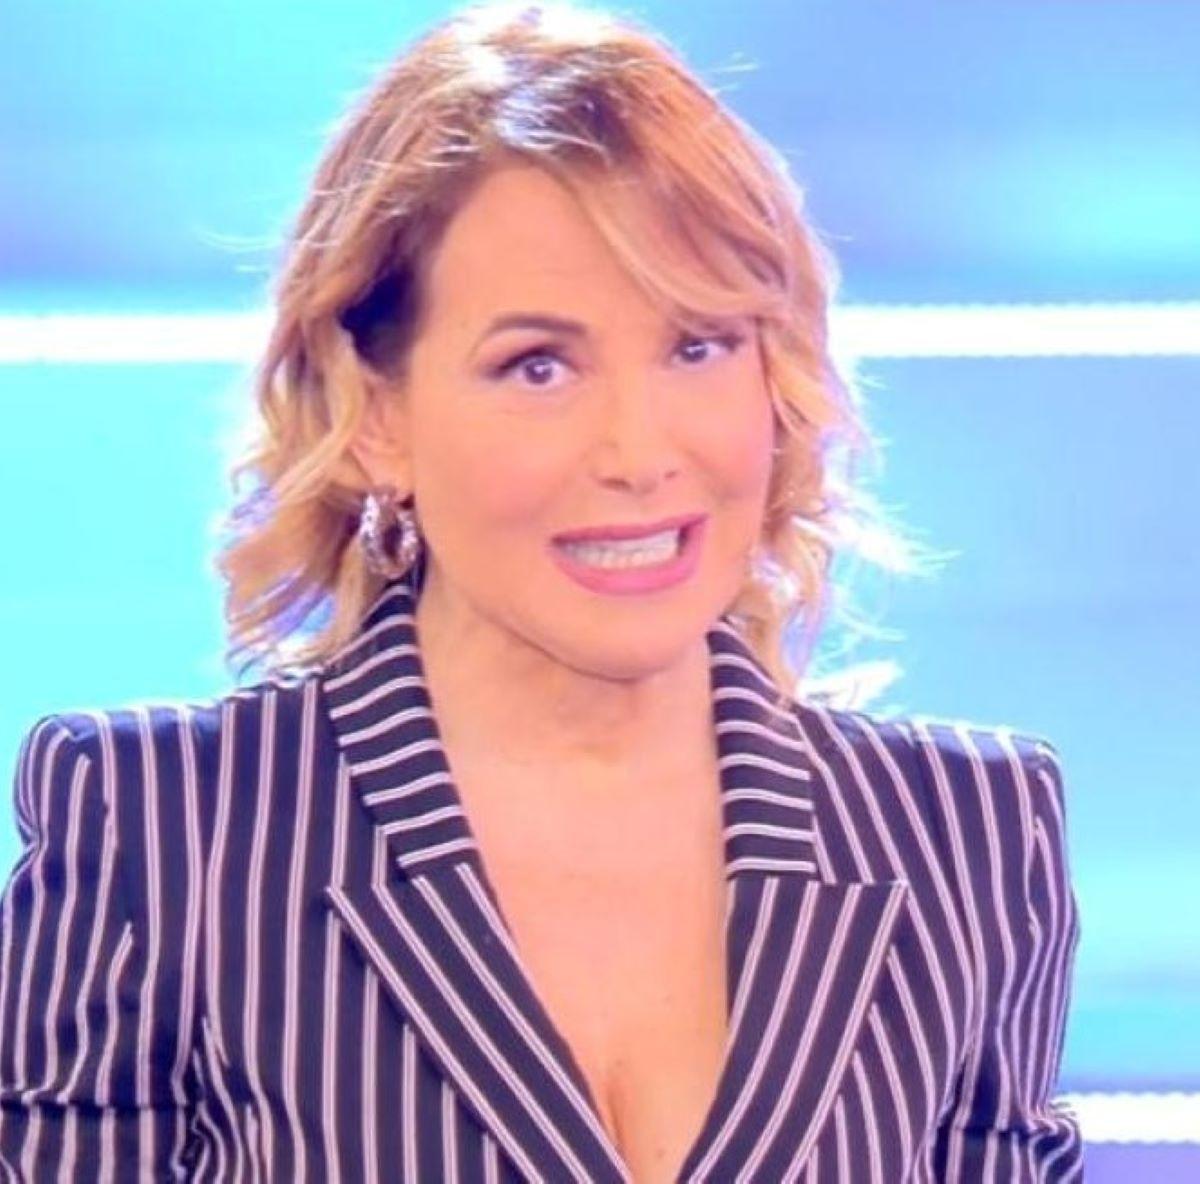 Barbara D'Urso Novità Pomeriggio Cinque Nuovo Orario Pubblico